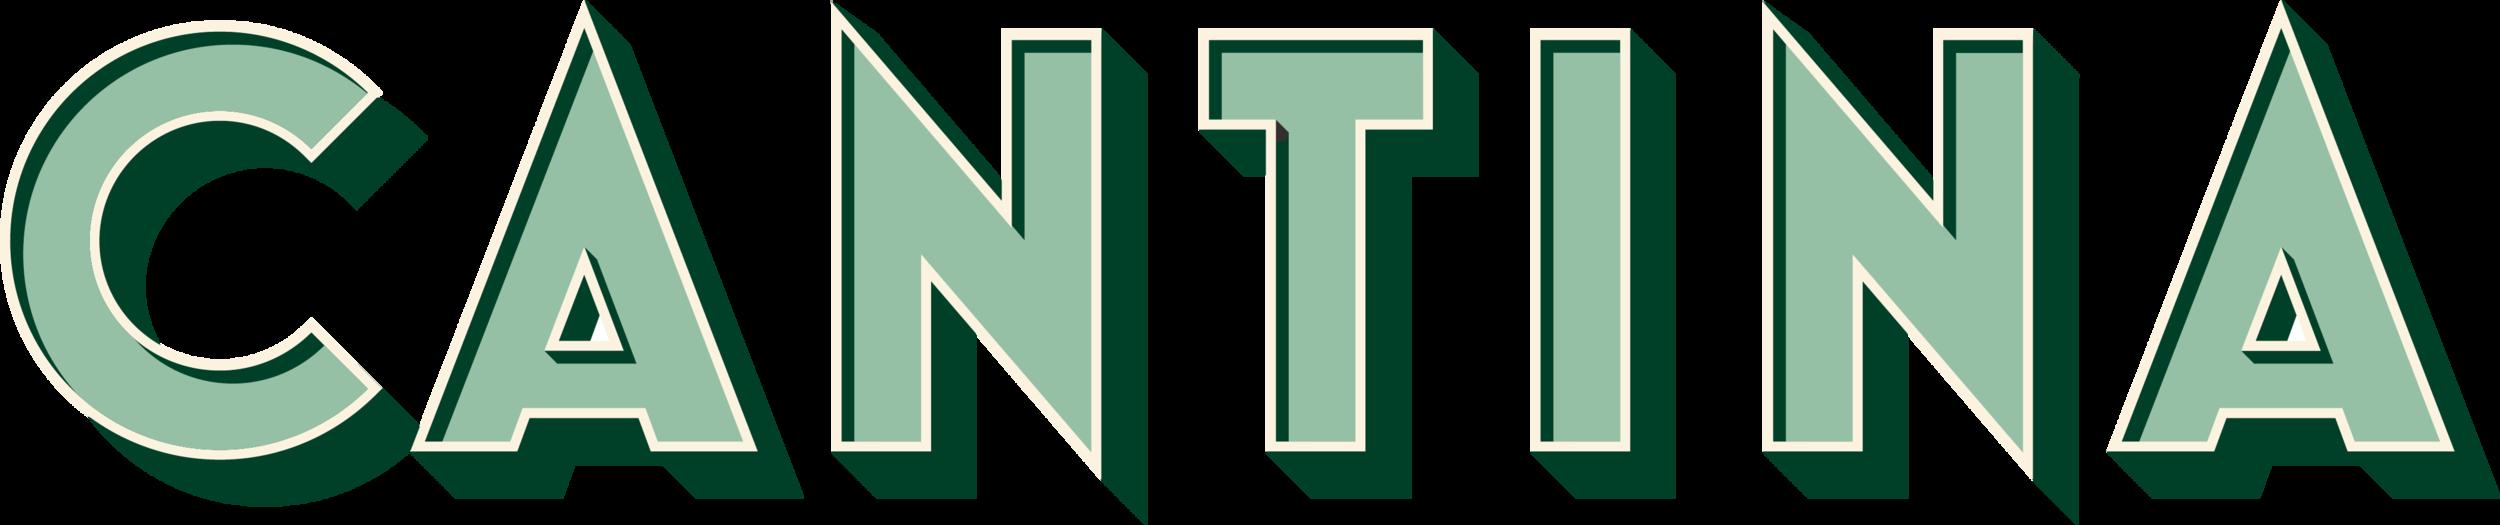 Cantina_logo.png